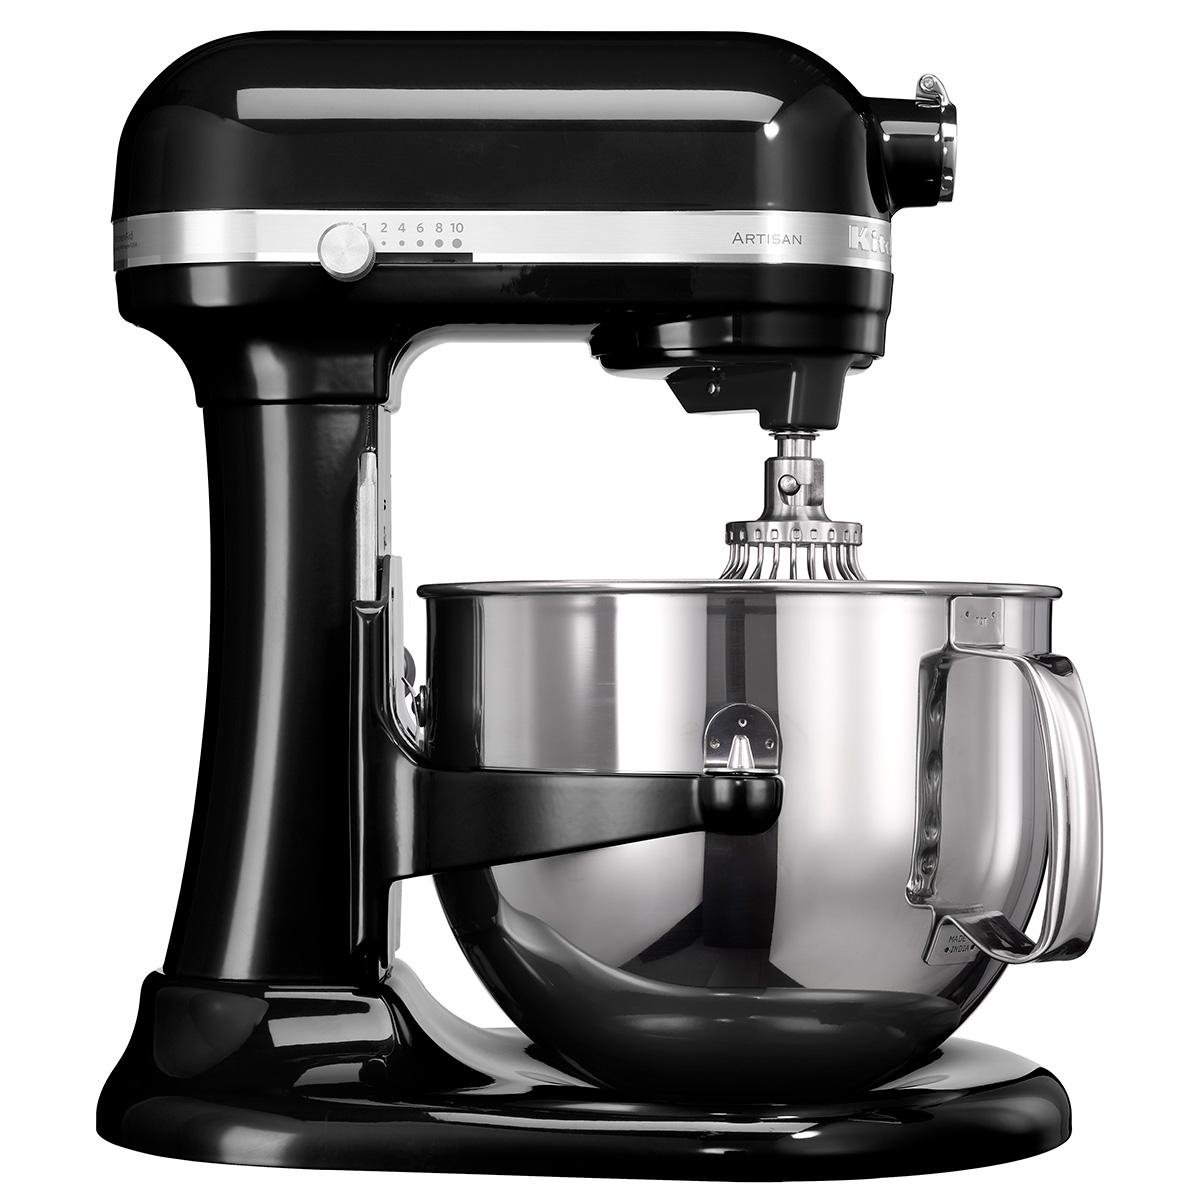 Kitchenaid køkkenmaskine med skålløft - Artisan - Sort